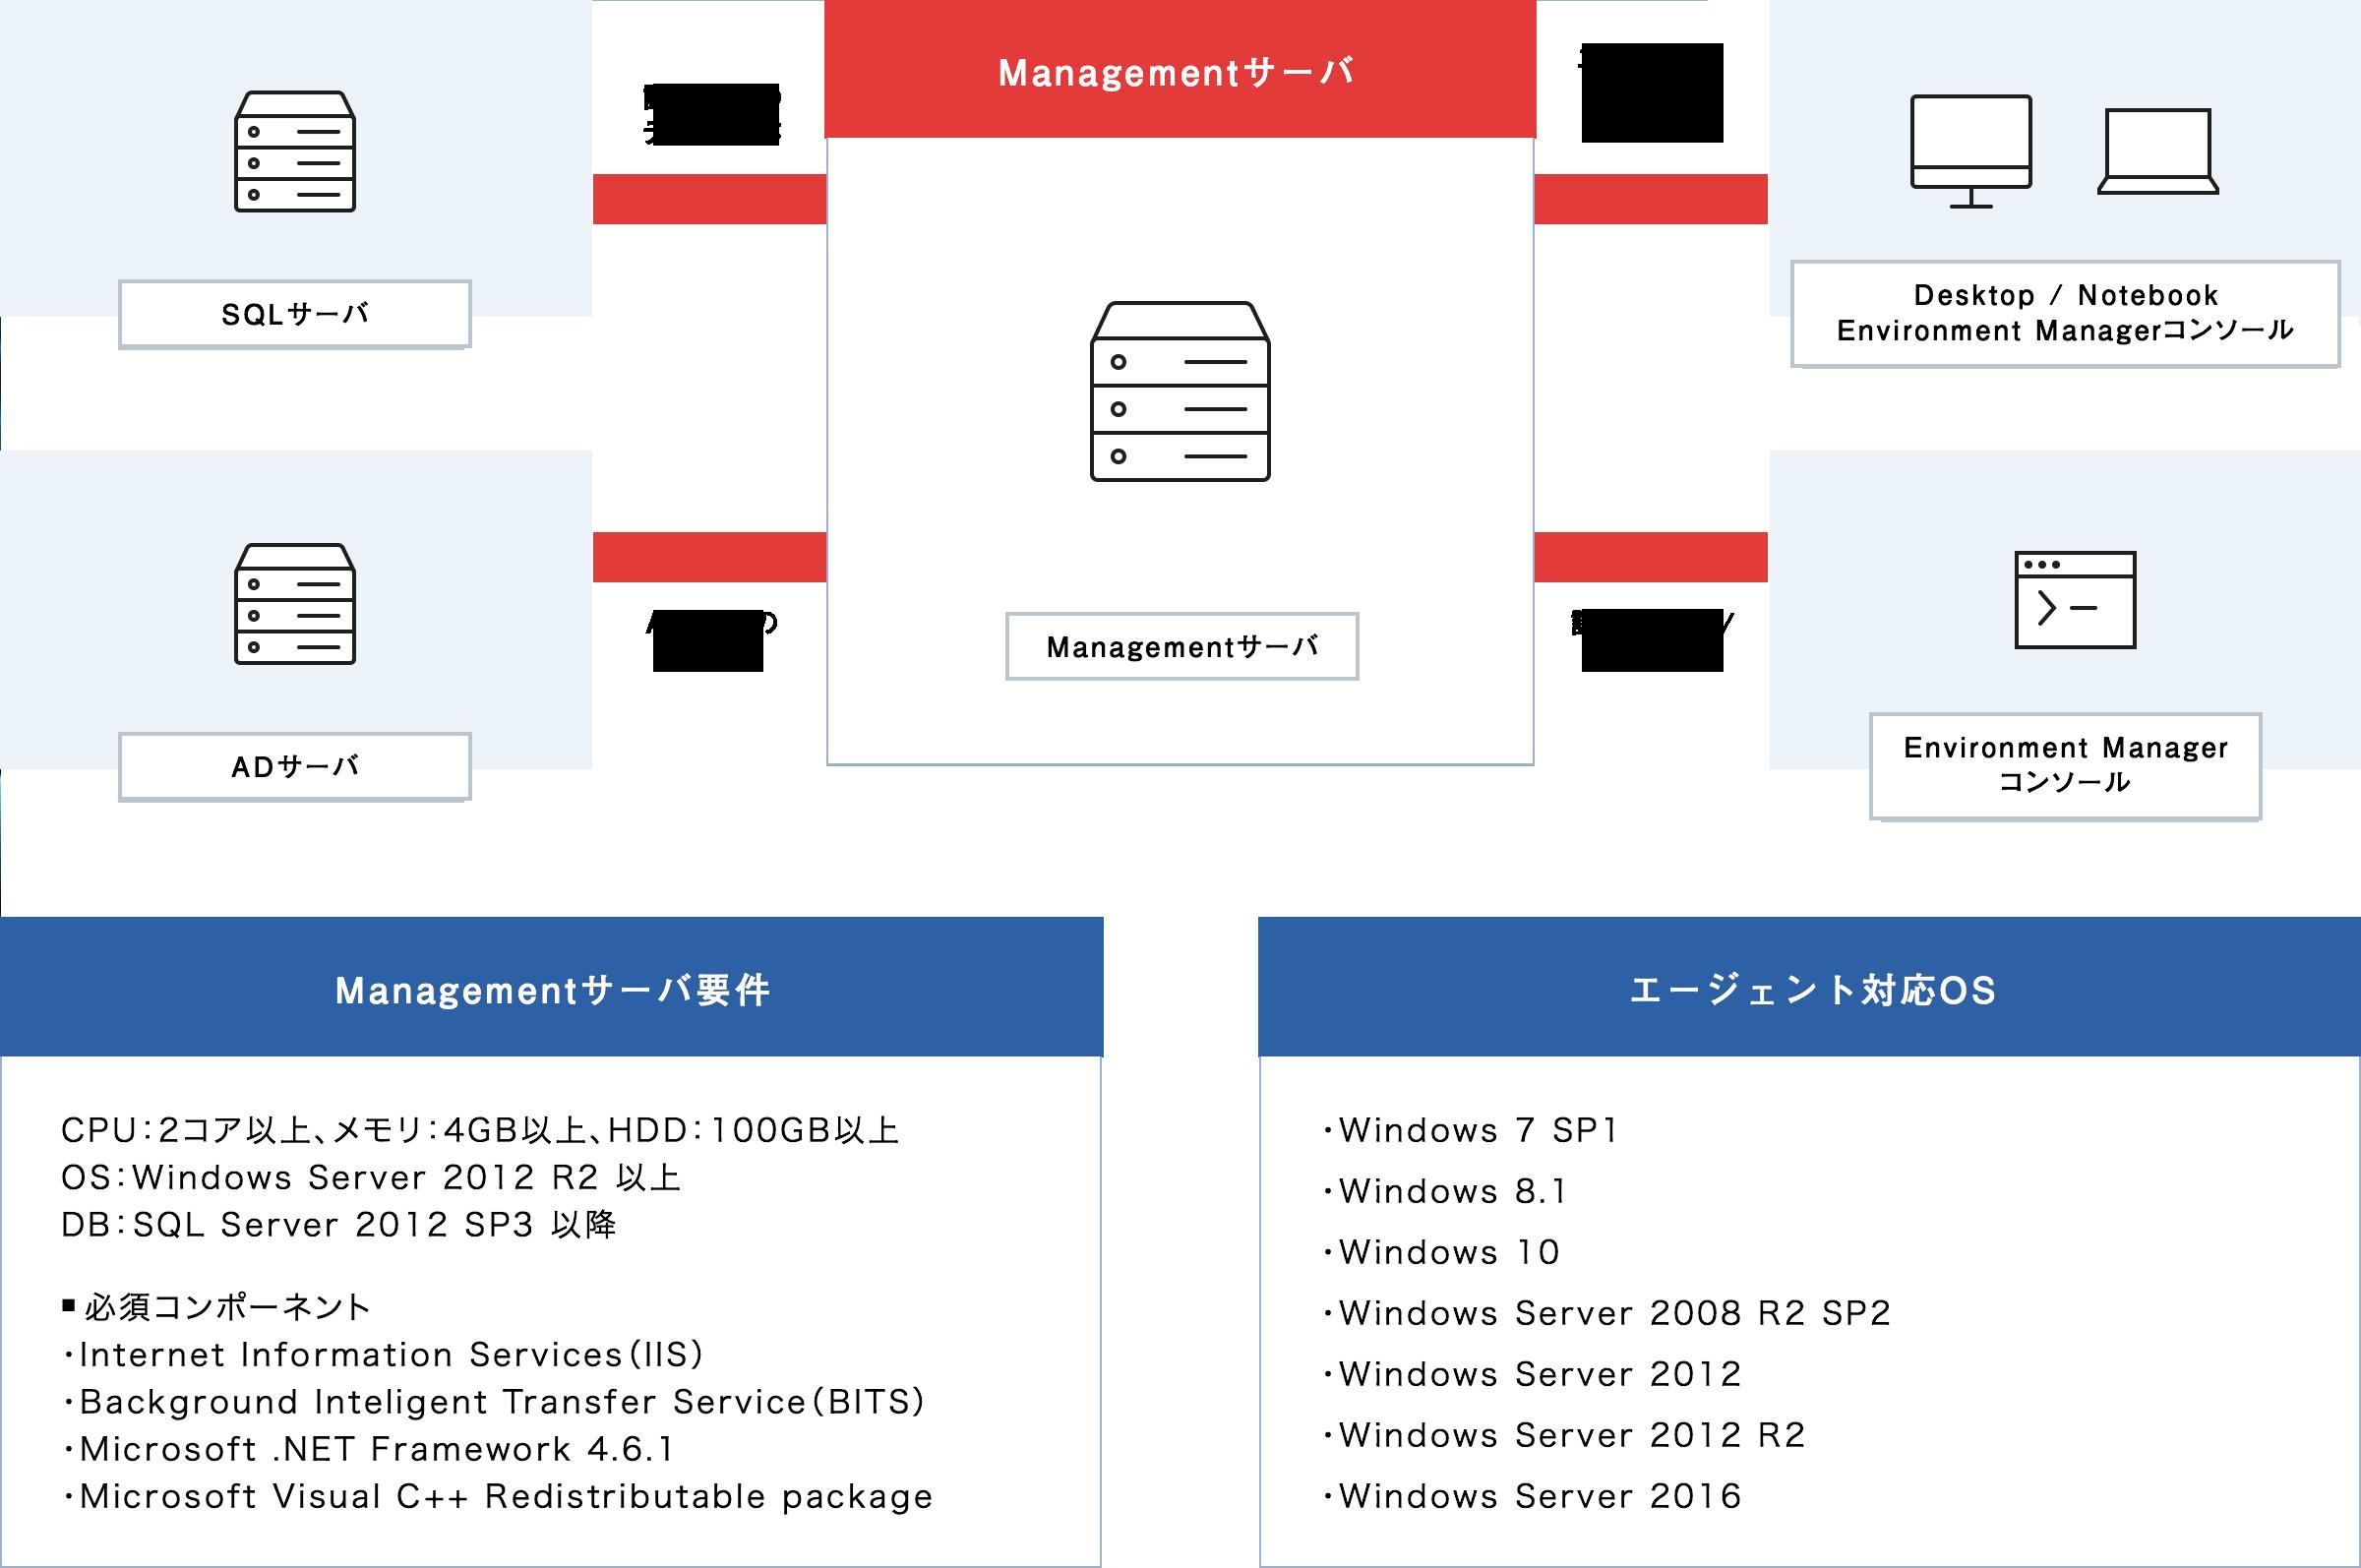 図:システム構成イメージ(PC)